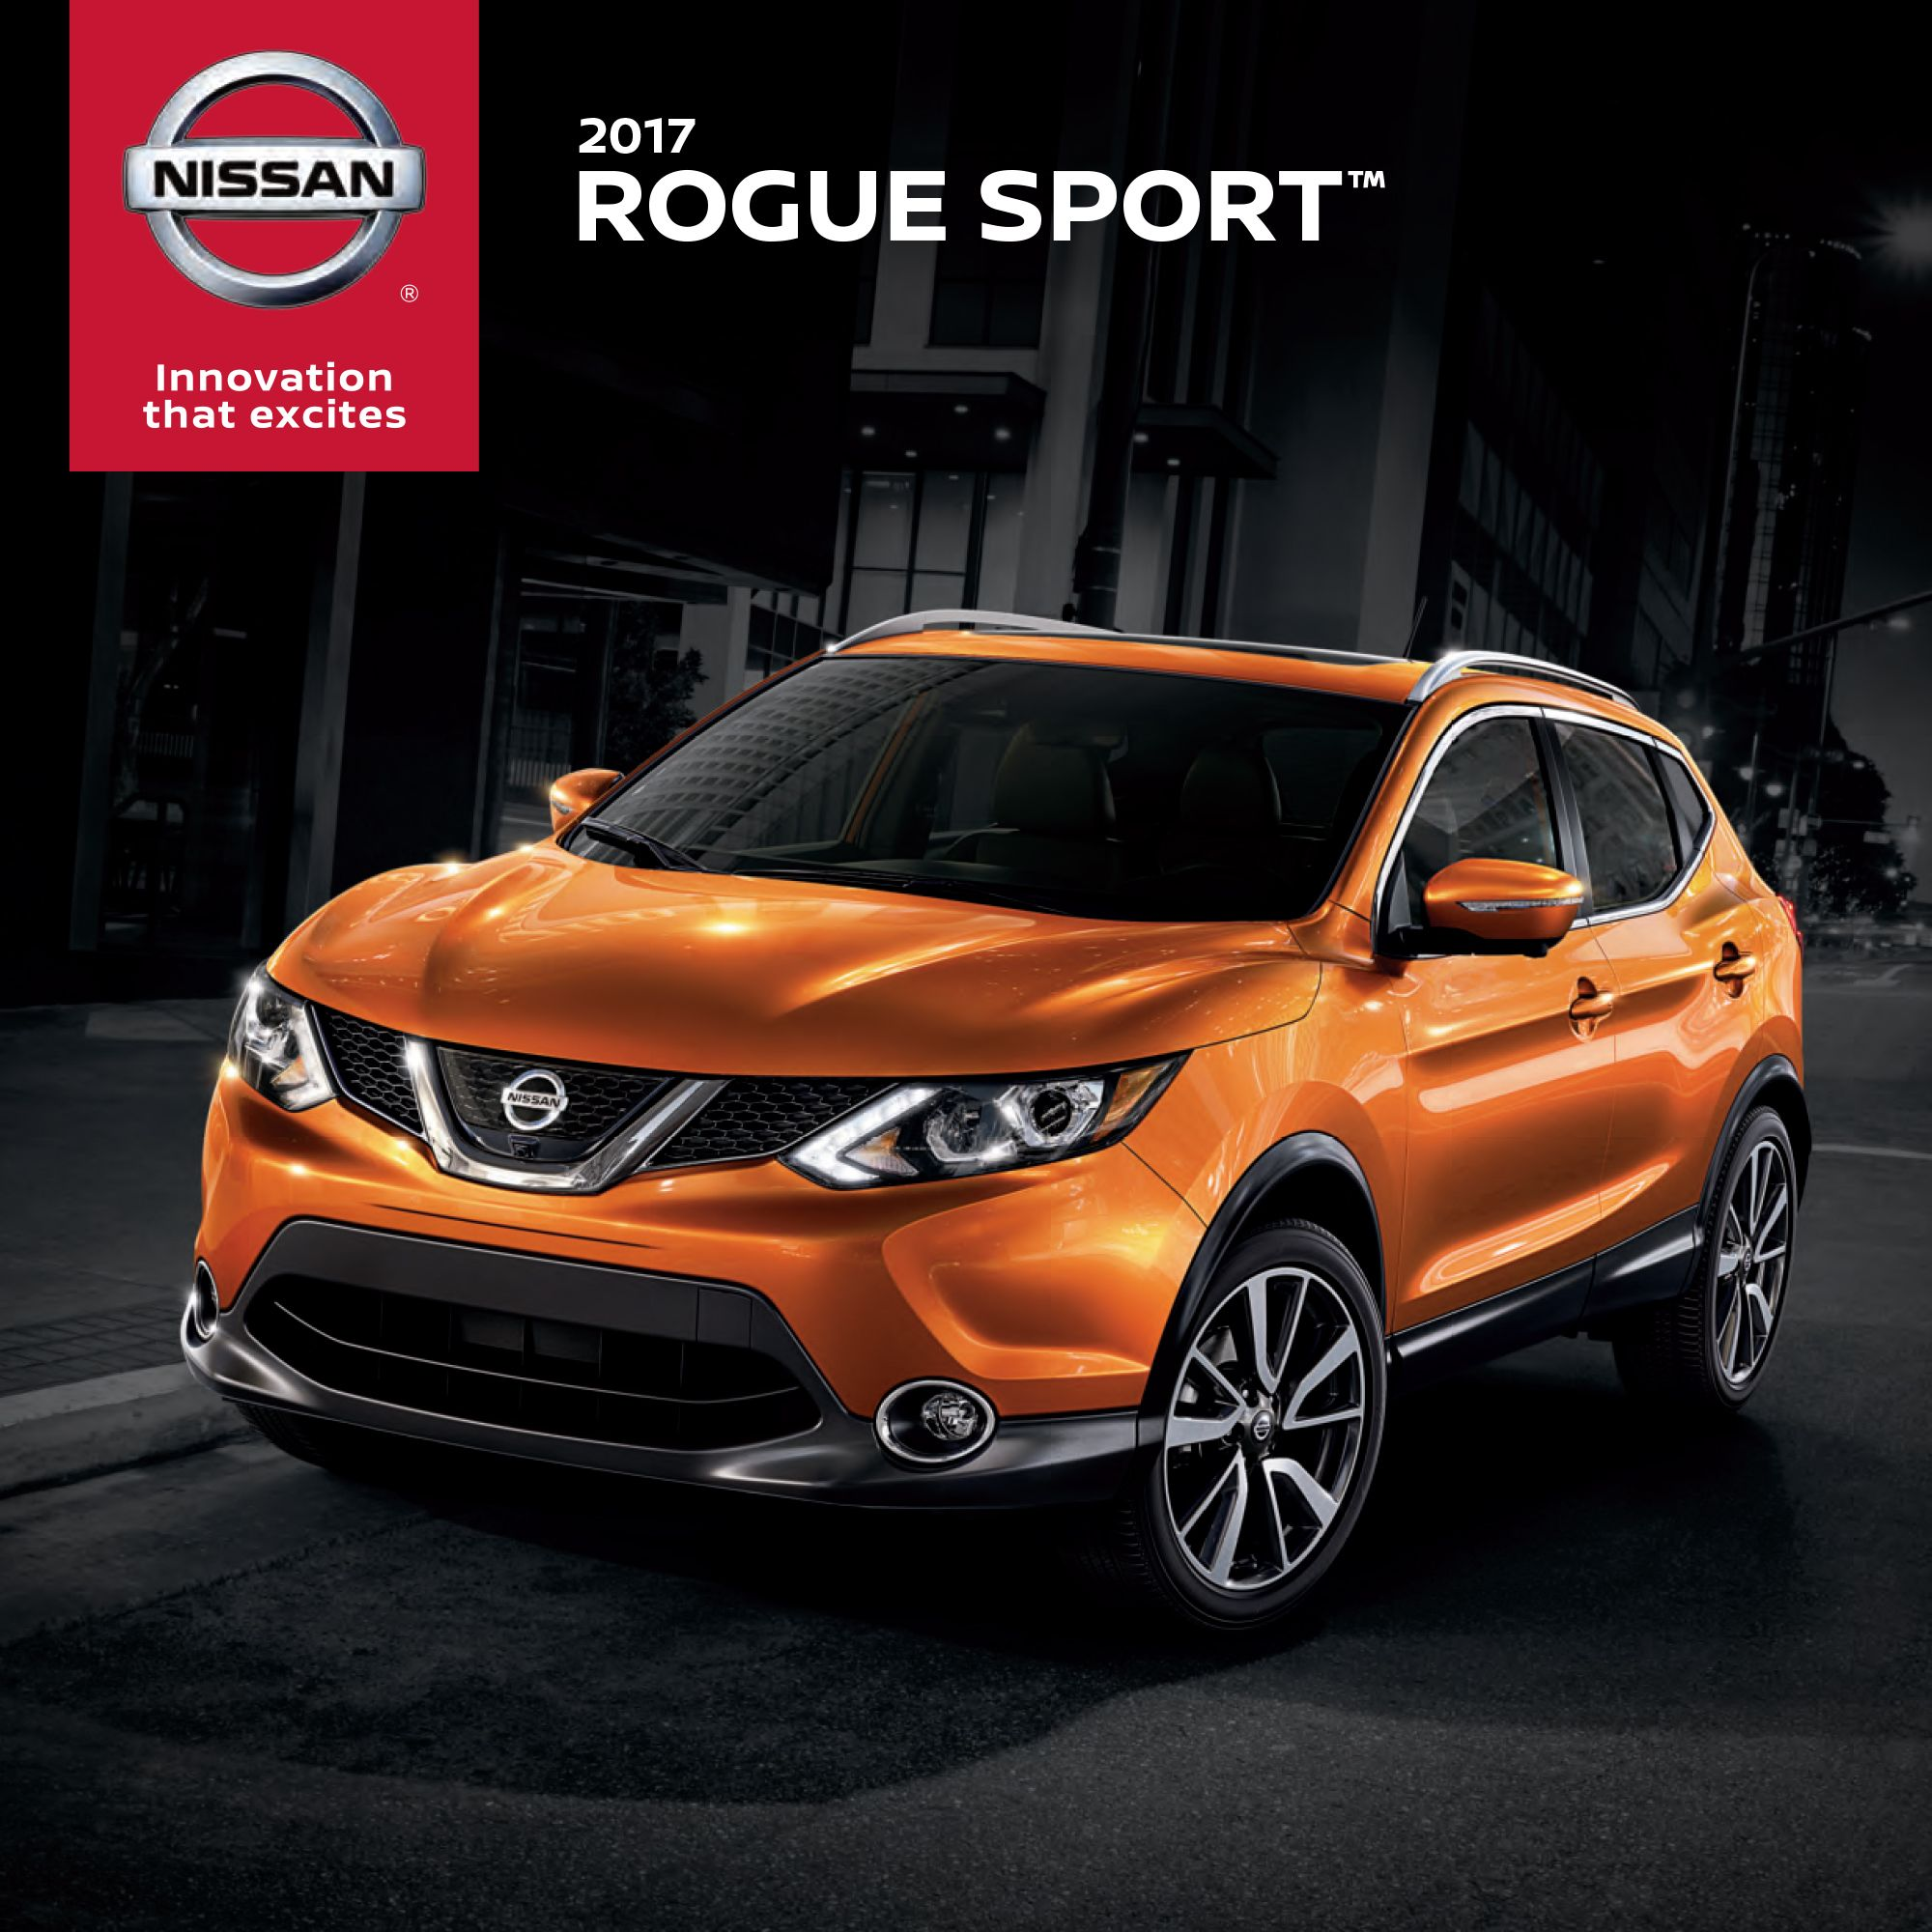 Meet the brandnew 2017 Nissan Rogue Sport. The versatile